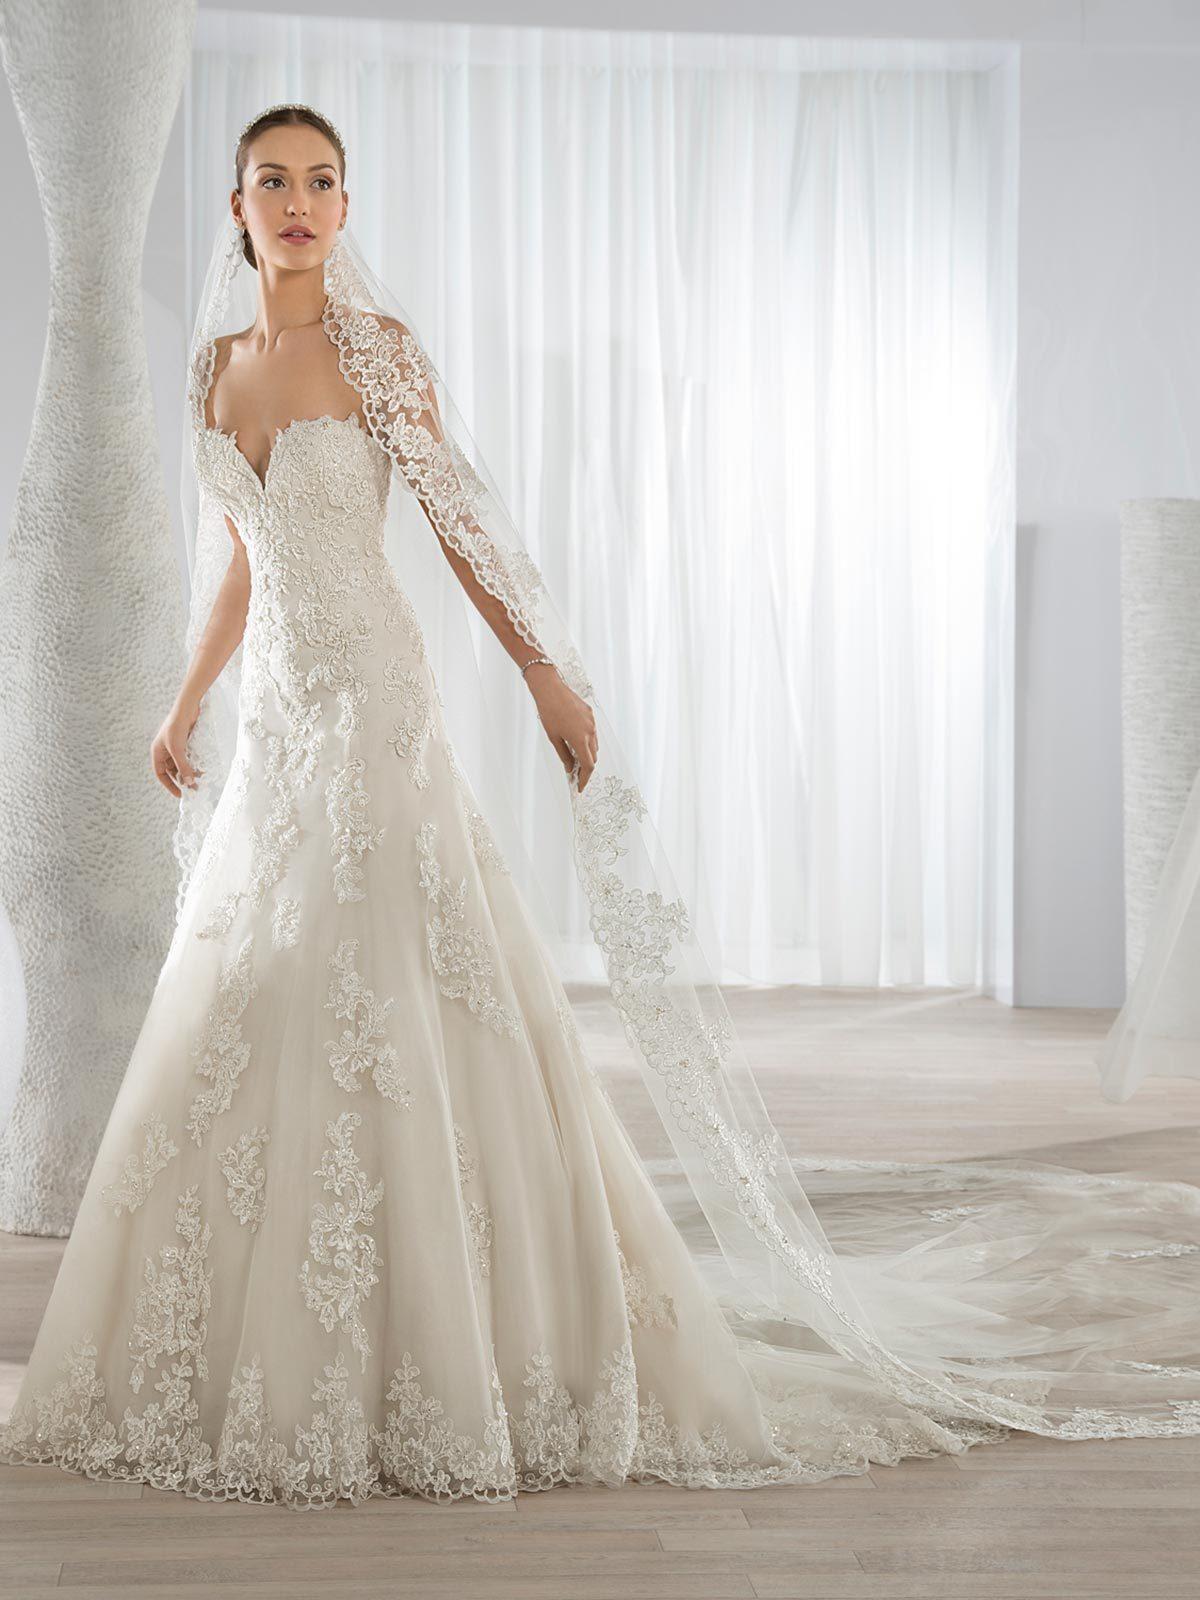 Brautkleid 620 von Demetrios auf Ja.de